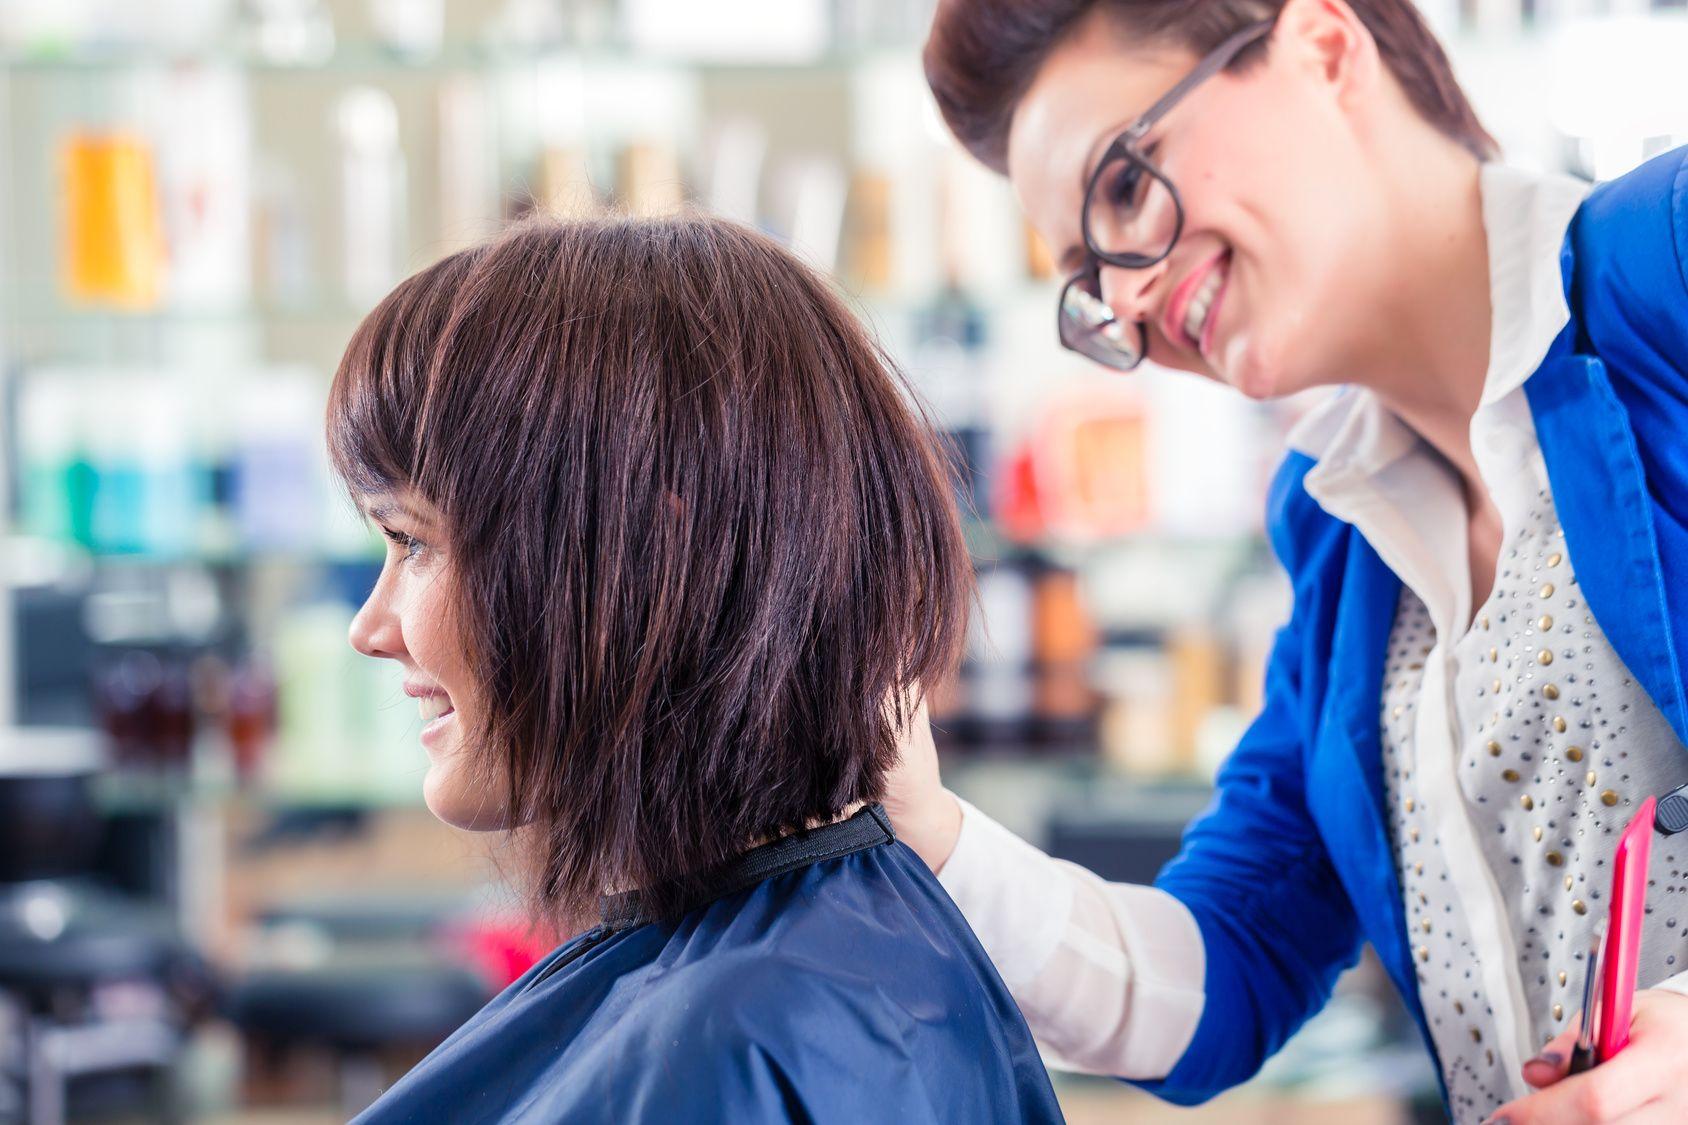 Ohenevatko hiuksesi? Tämä trendikäs hiustyyli voi olla sinulle täydellinen